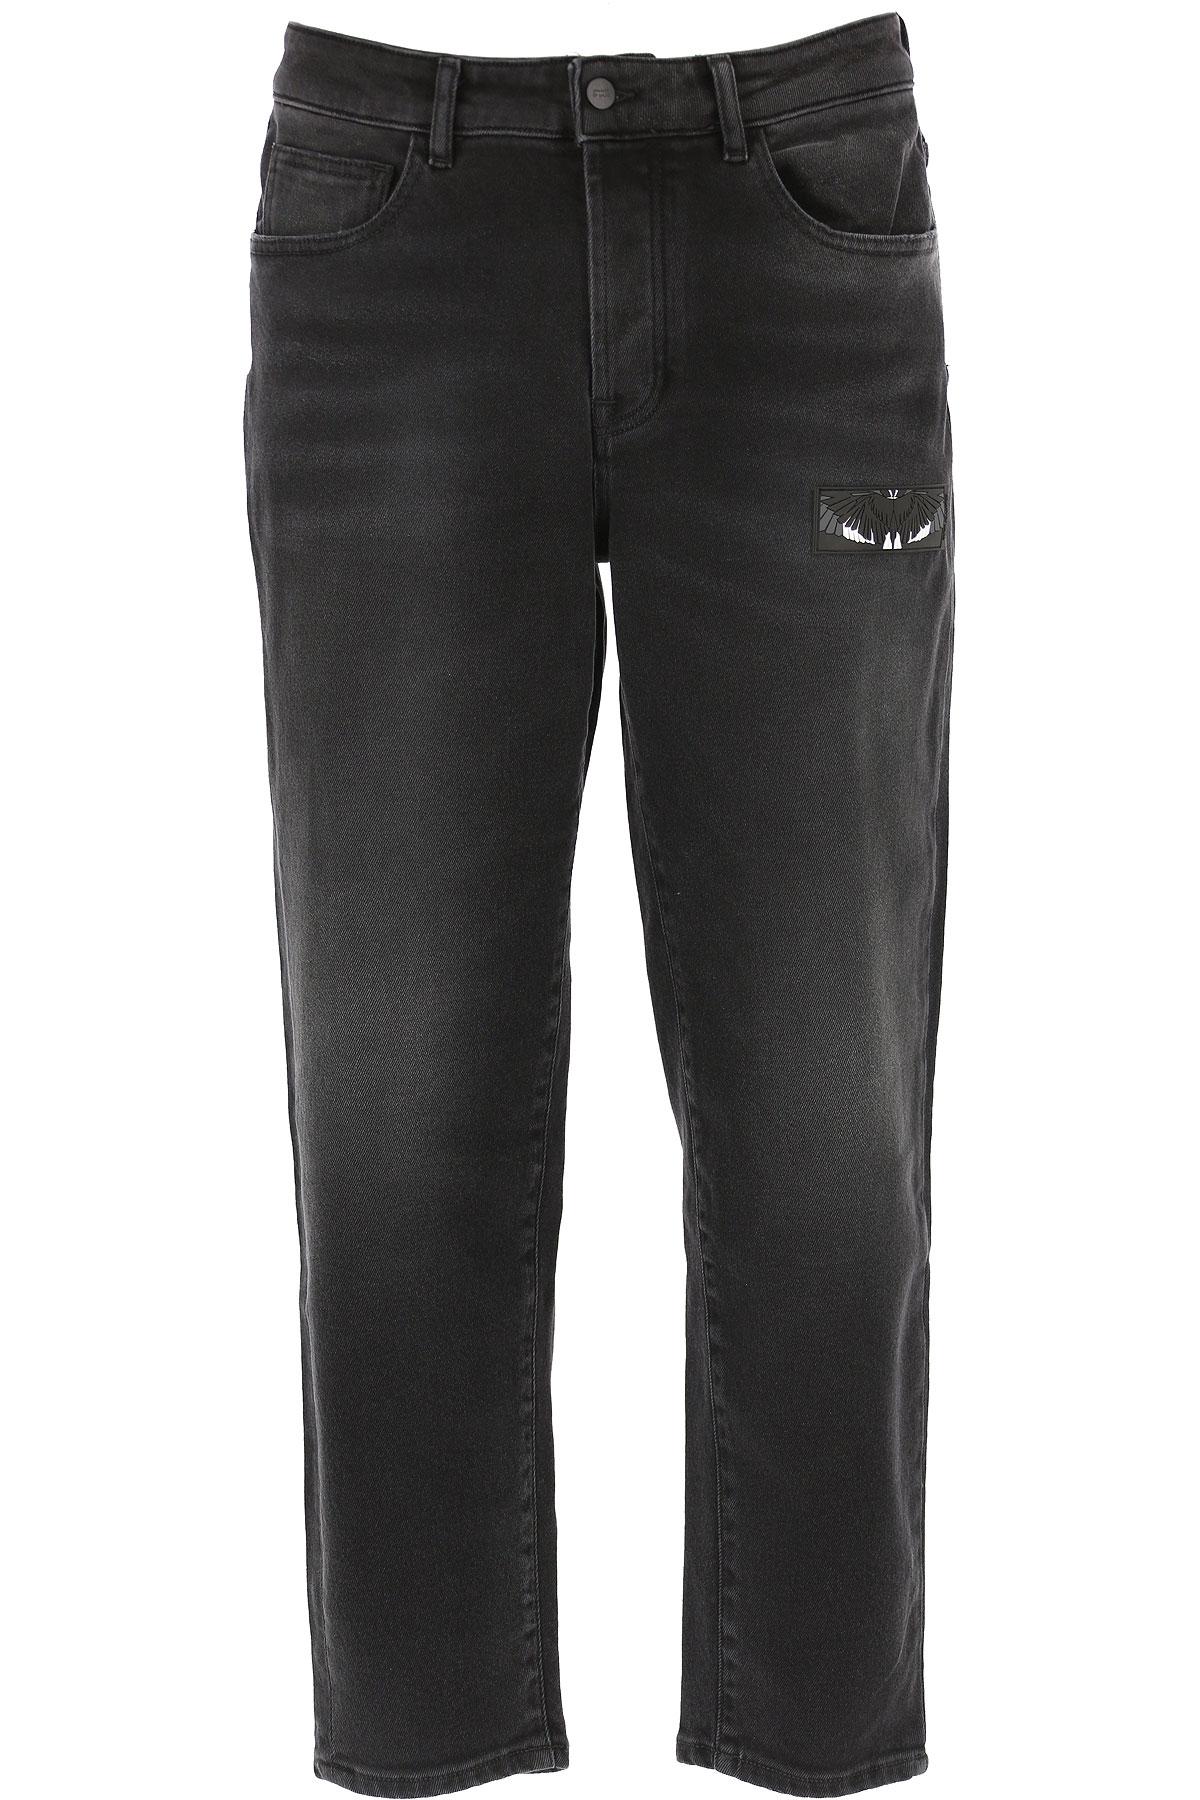 Marcelo Burlon Jeans On Sale, Black, Cotton, 2019, 30 32 33